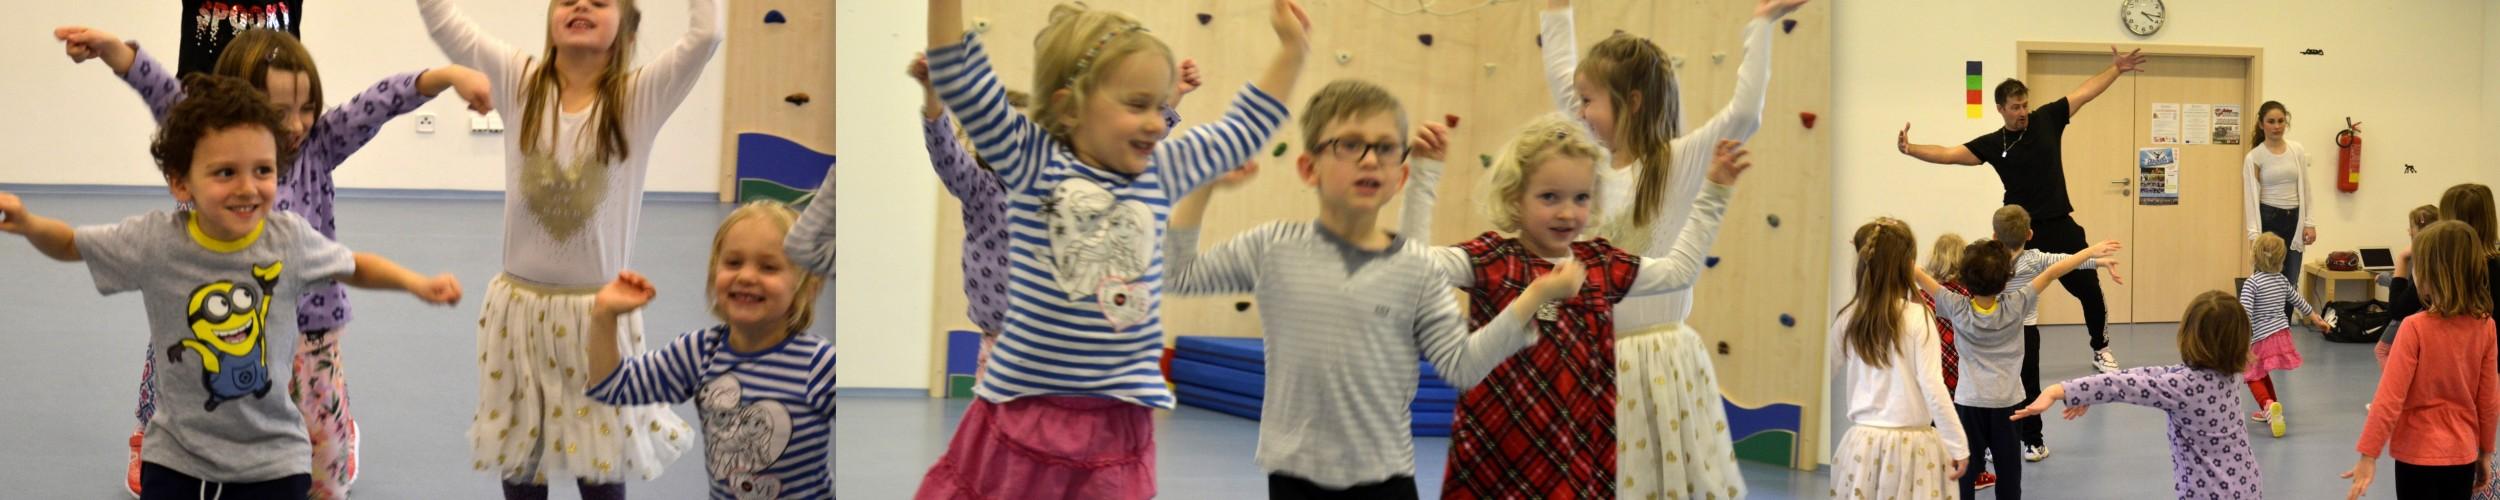 Kurzy tancování - zahájeny zápisy do aktivit